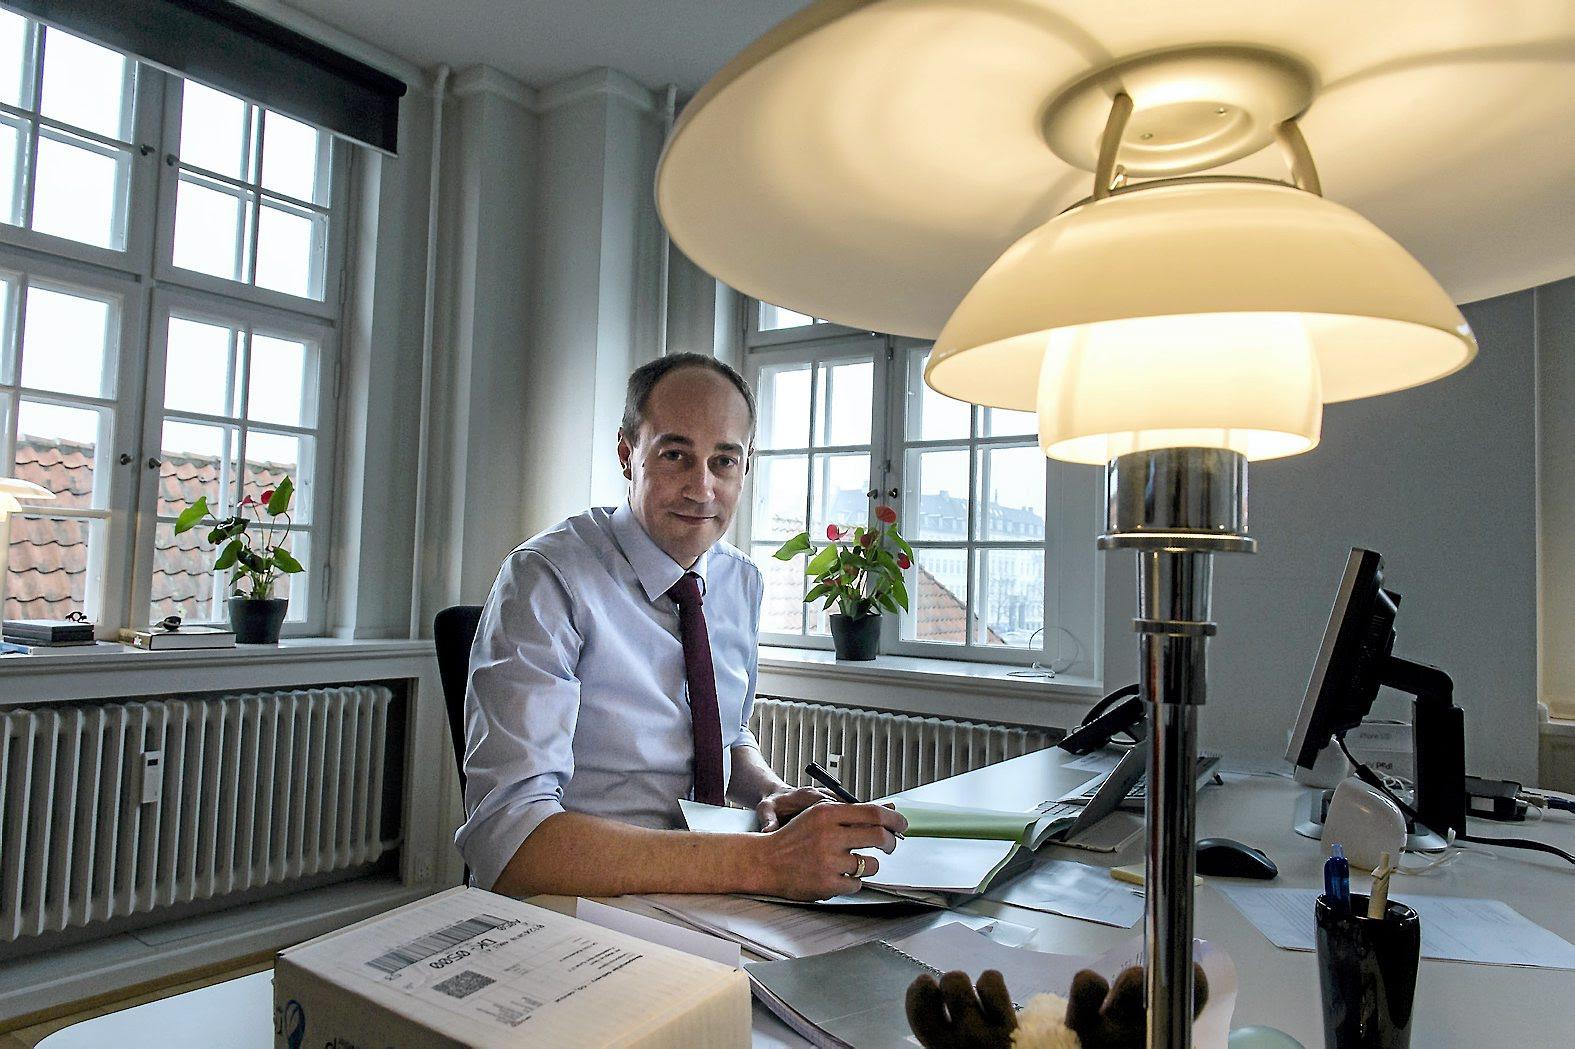 Foto: Sjællandske Medier/Christian Mikkelsen for Transportministeriet